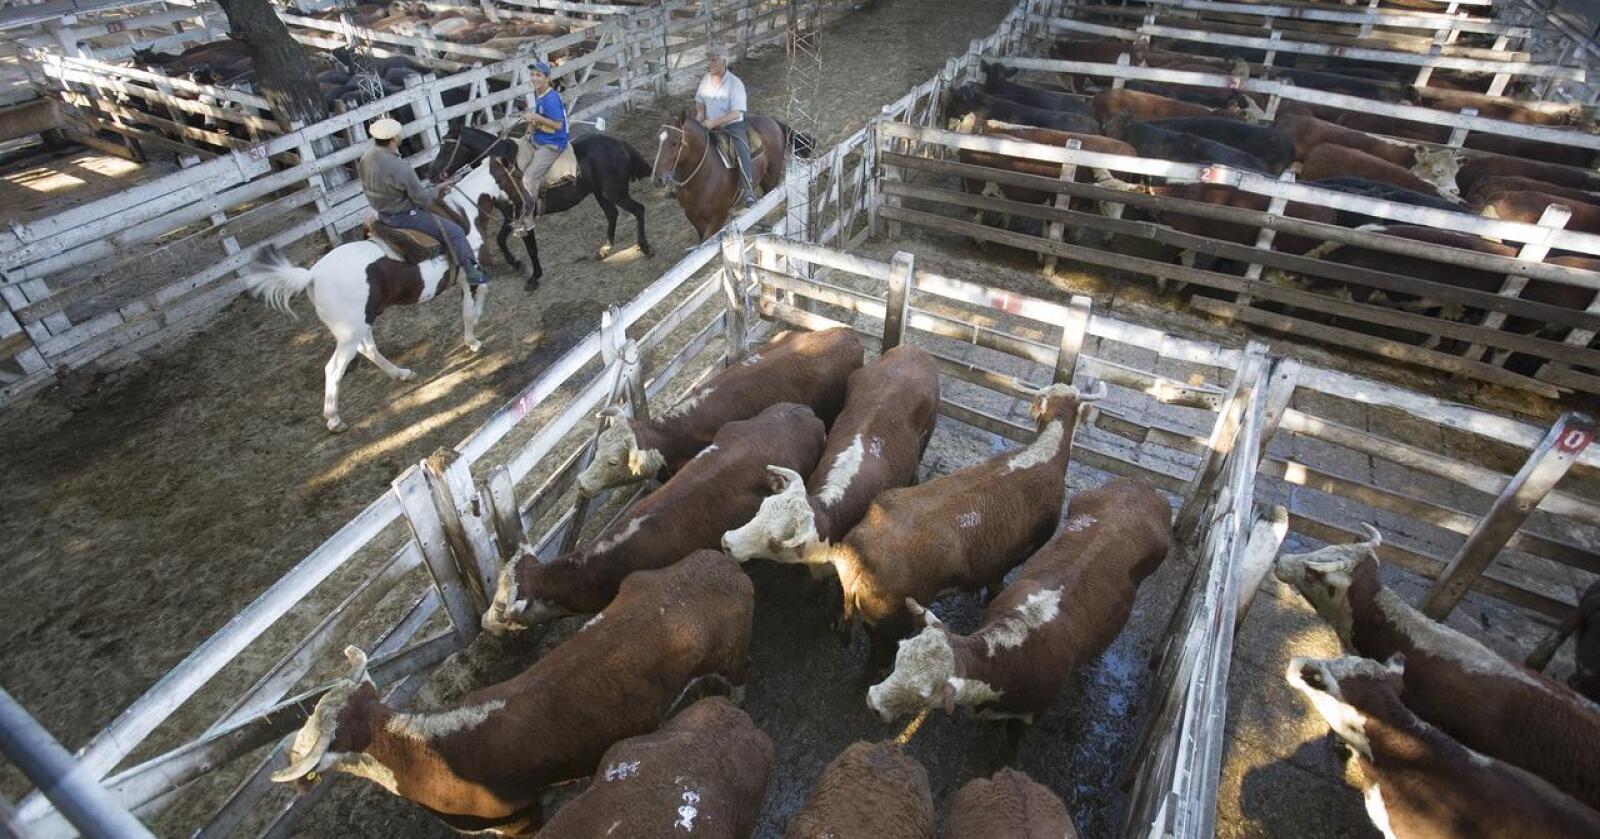 Argentina er en av verdens største produsenter av storfekjøtt.  Korn dyrkes på to tredjedeler av det oppdyrkede arealet. Bildet viser kvegdrift i Argentina. Foto: Jorge Royan/Wikipedia